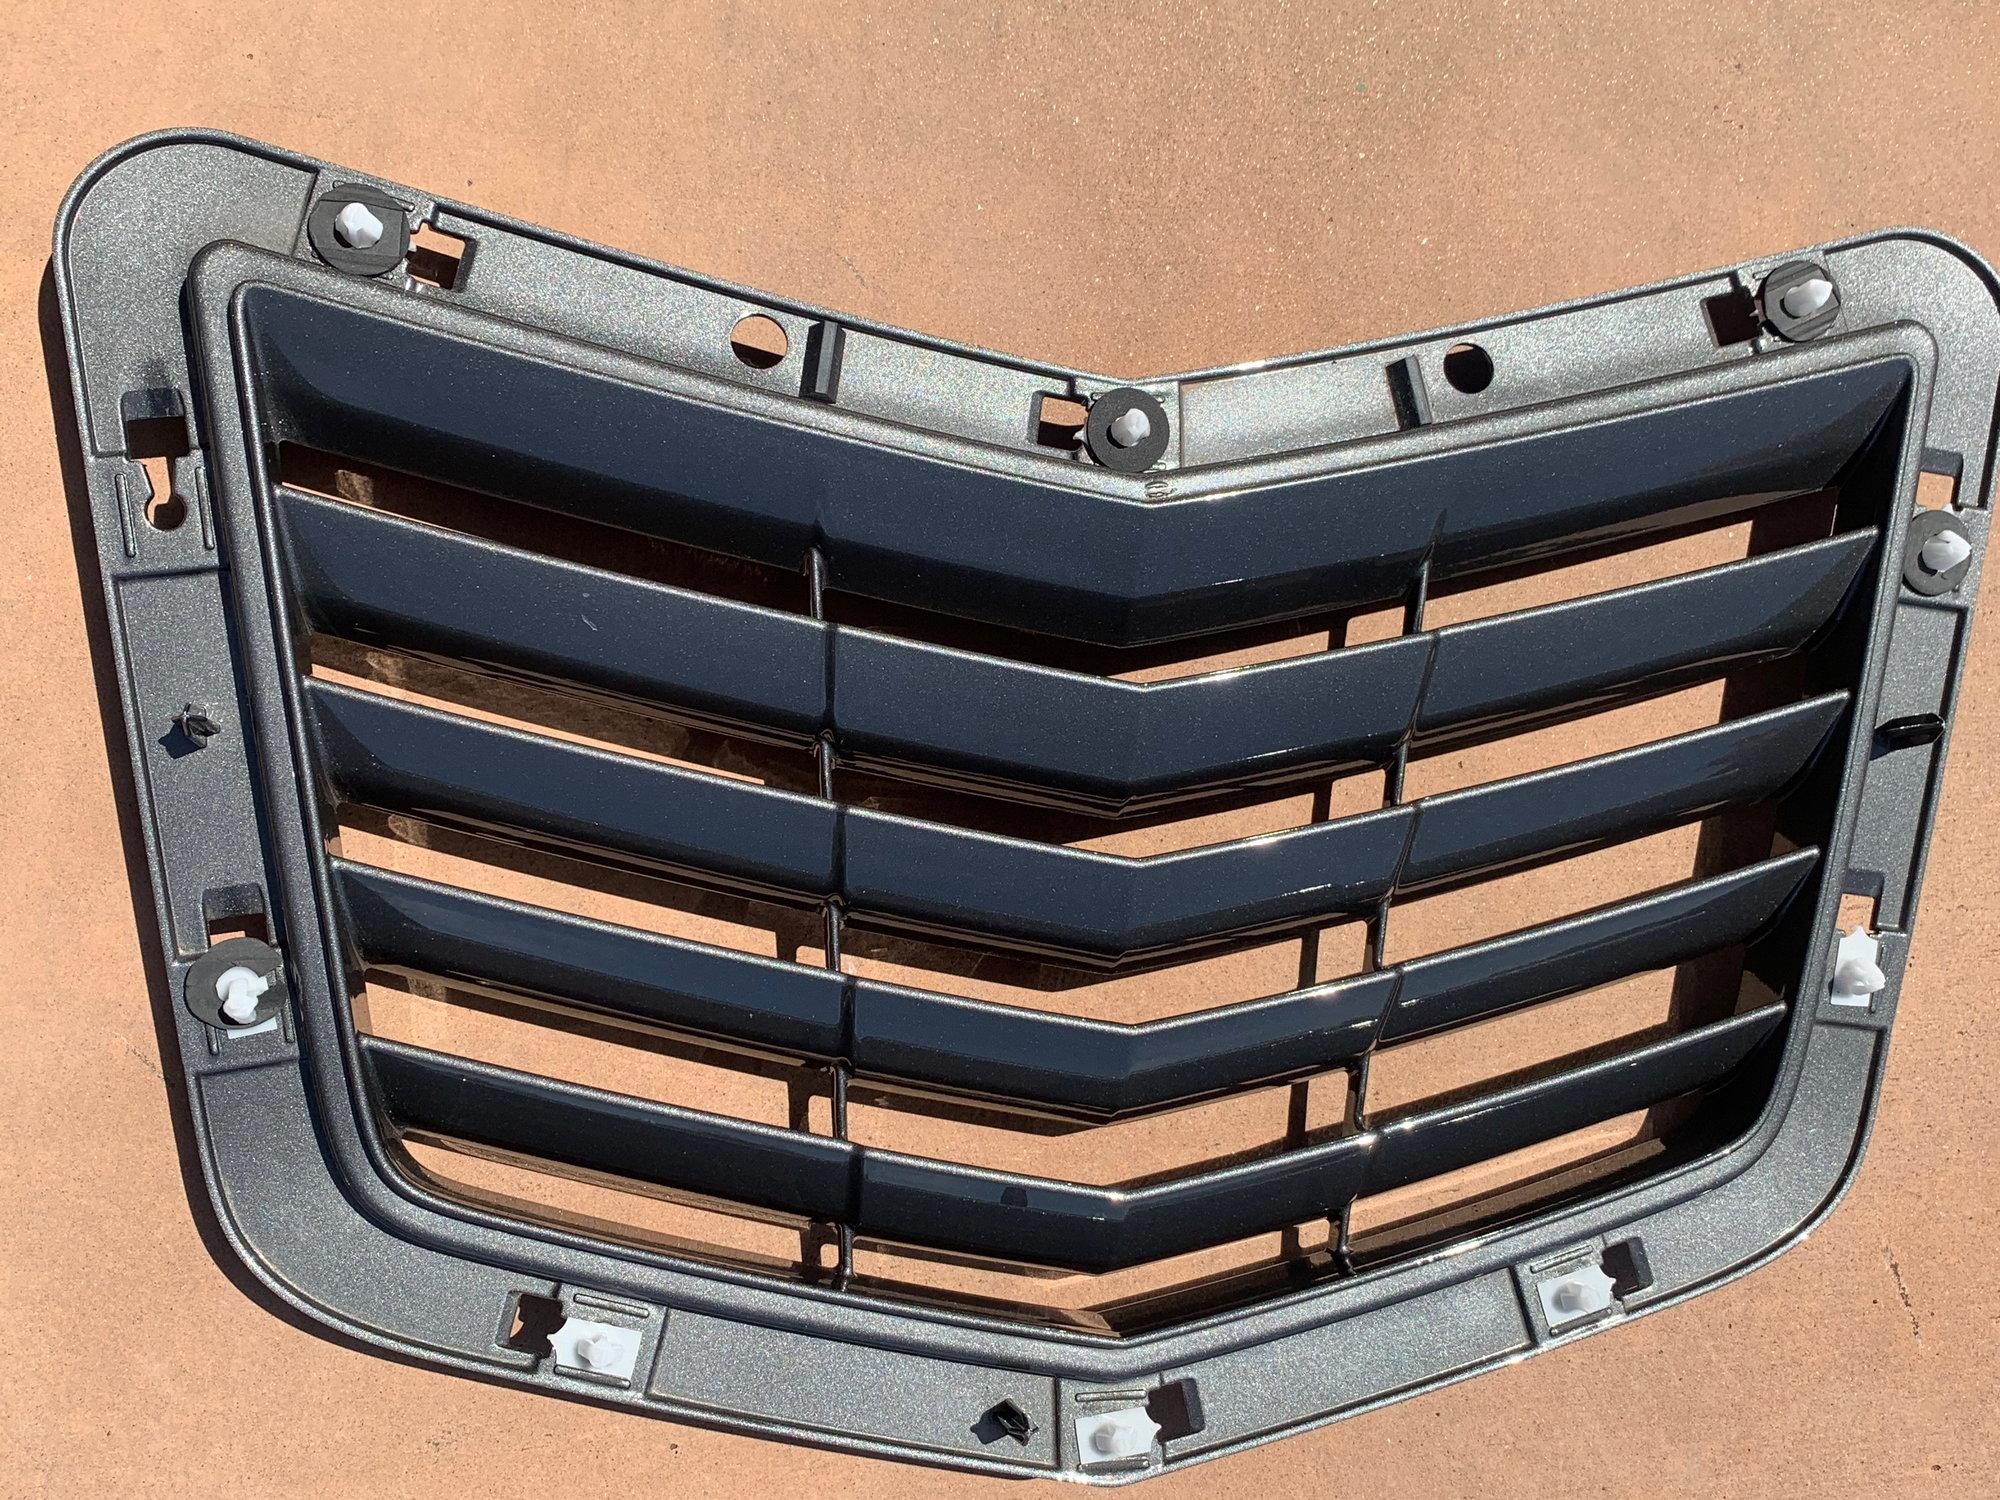 Fs For Sale C7 Hood Vent Corvetteforum Chevrolet